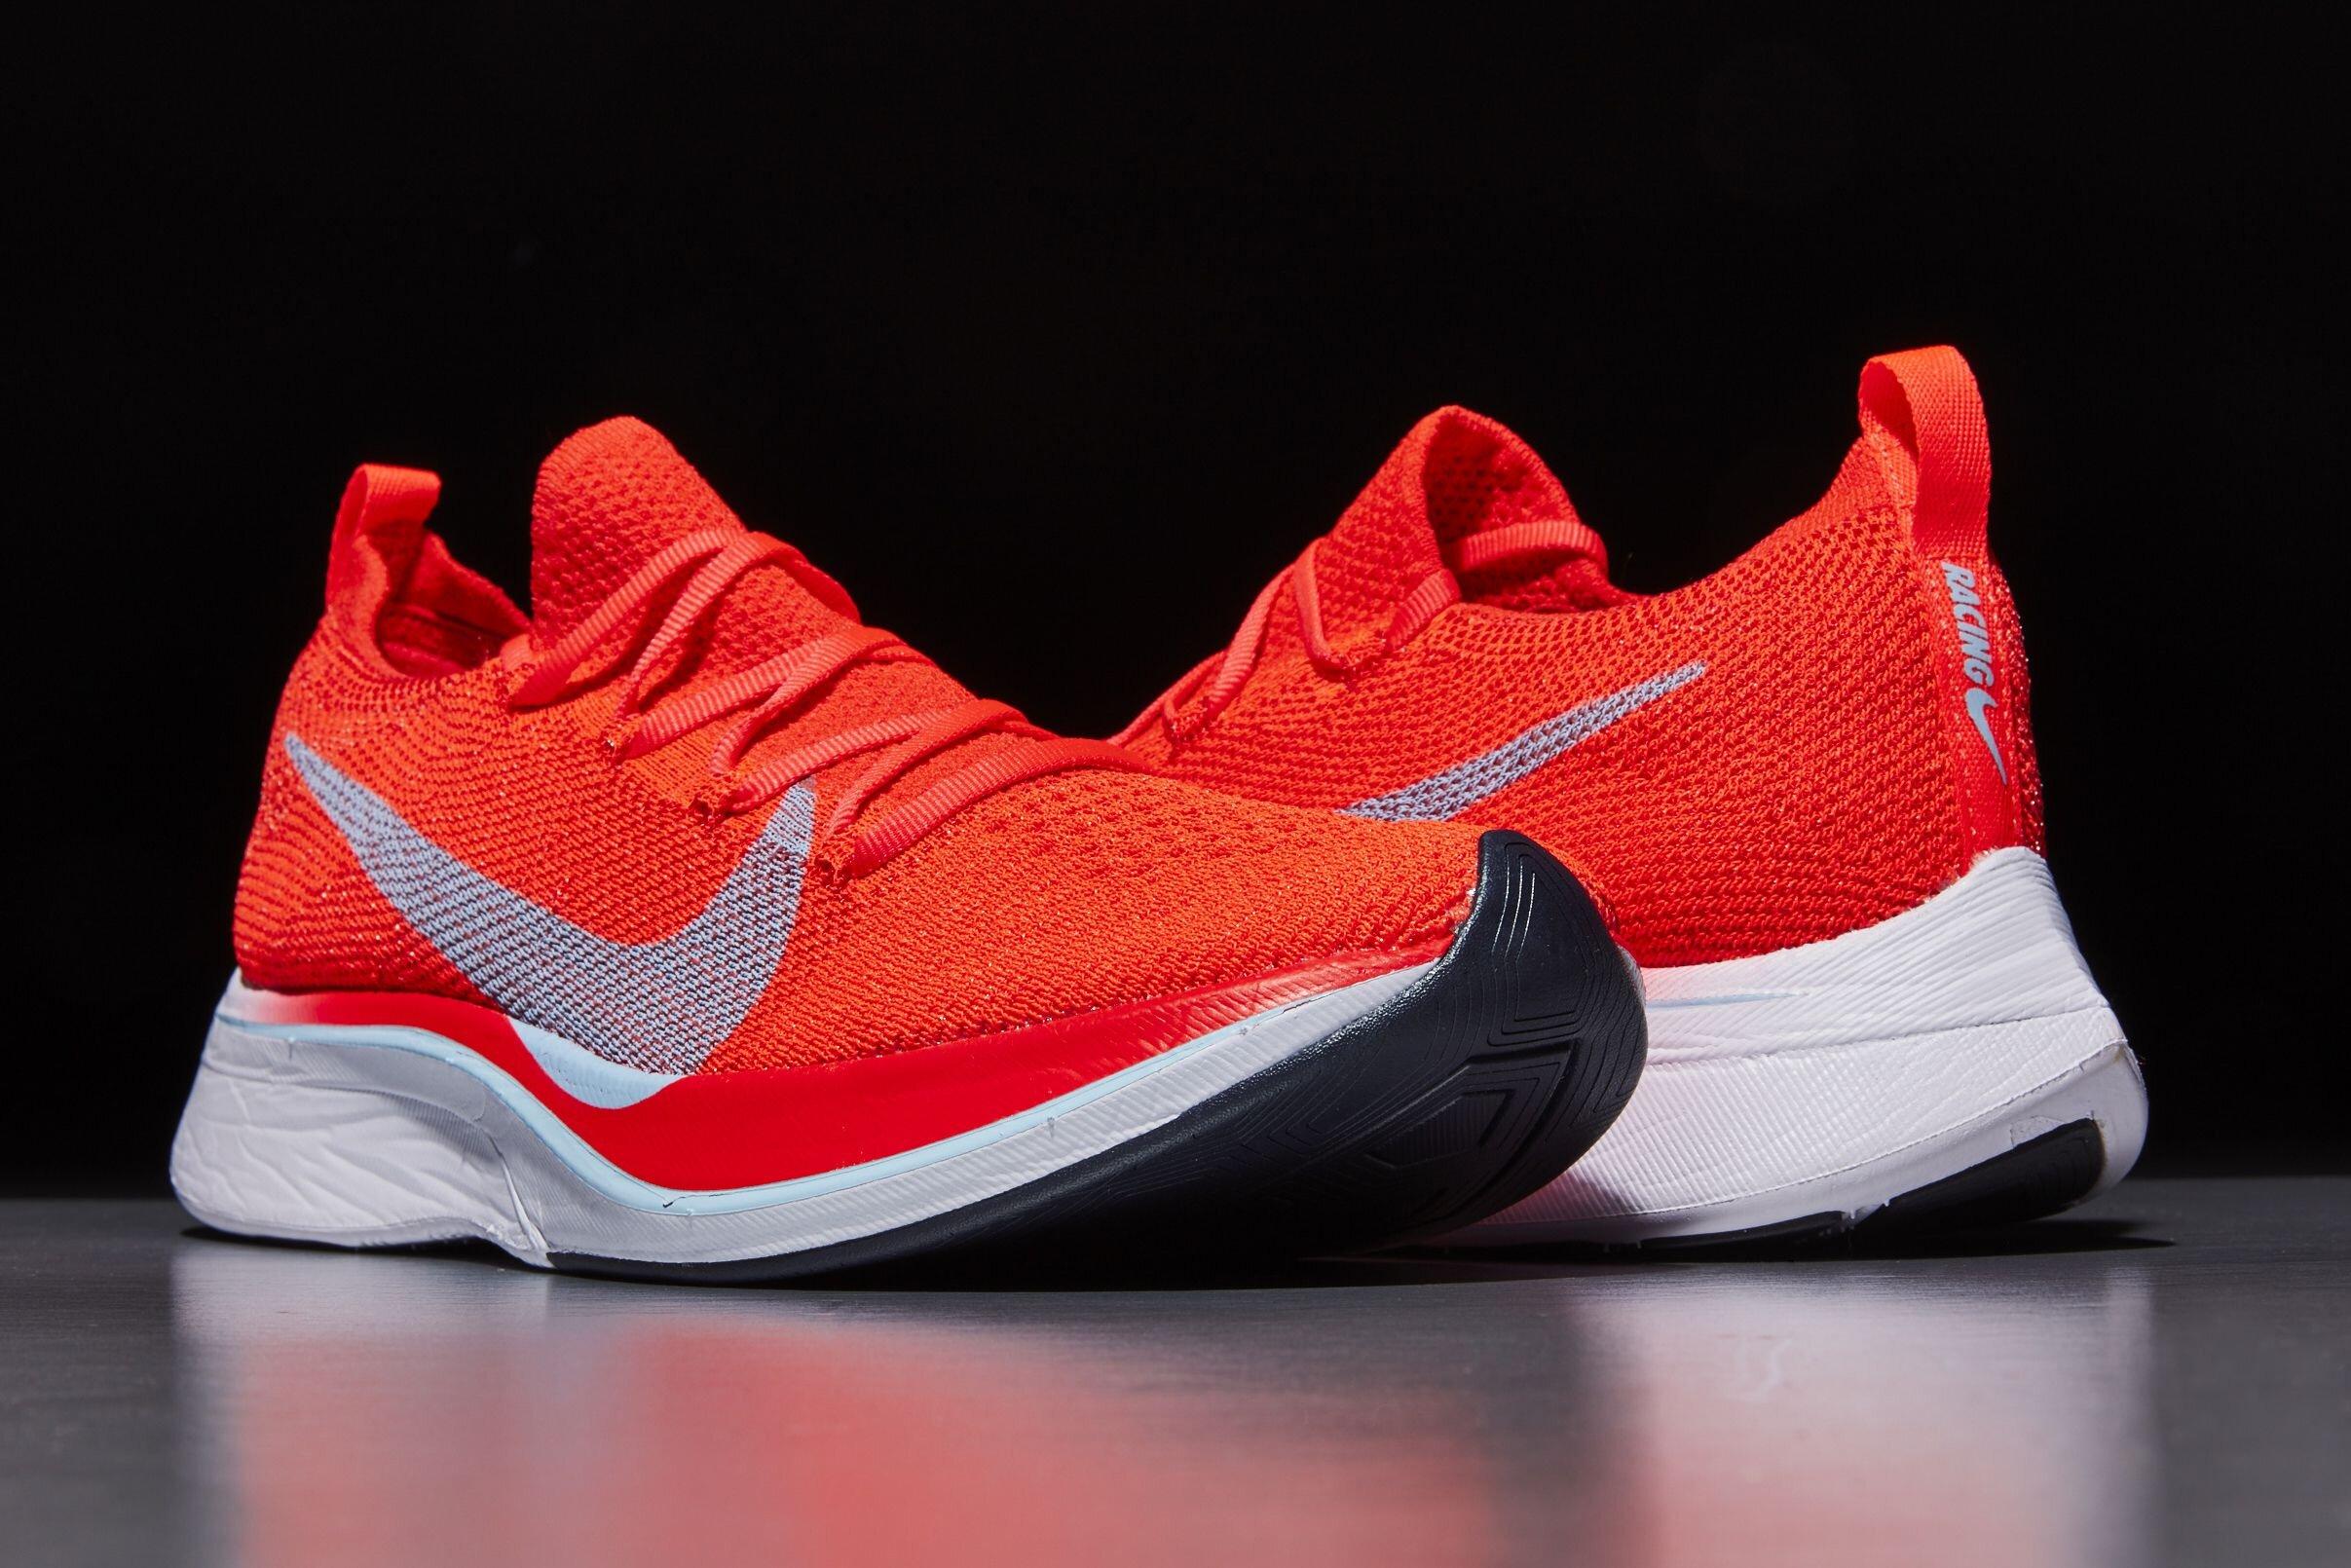 Giày tennis của Nike không chỉ bền bỉ mà còn đảm bảo tính thẩm mỹ, thời trang